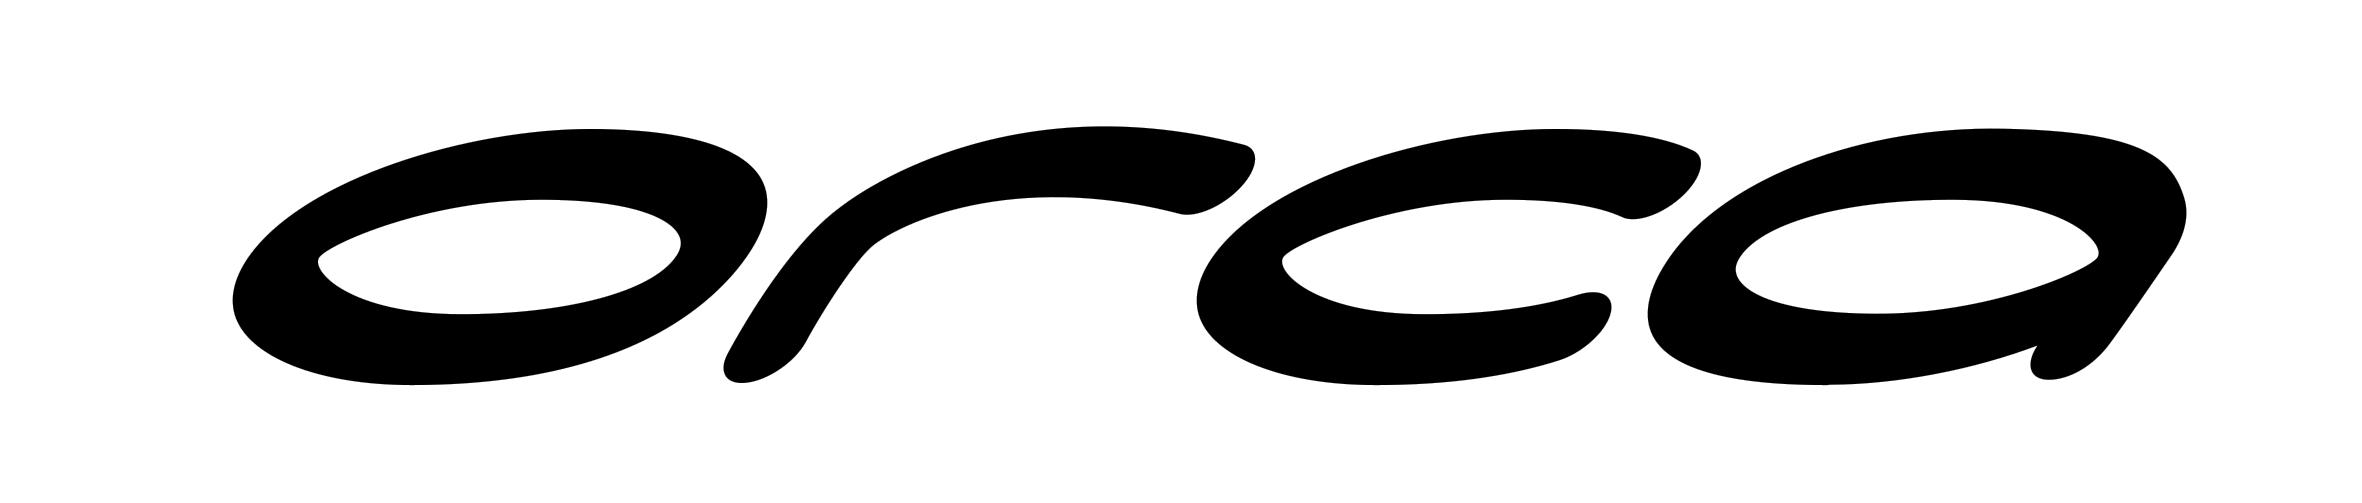 orca-logo-black.png